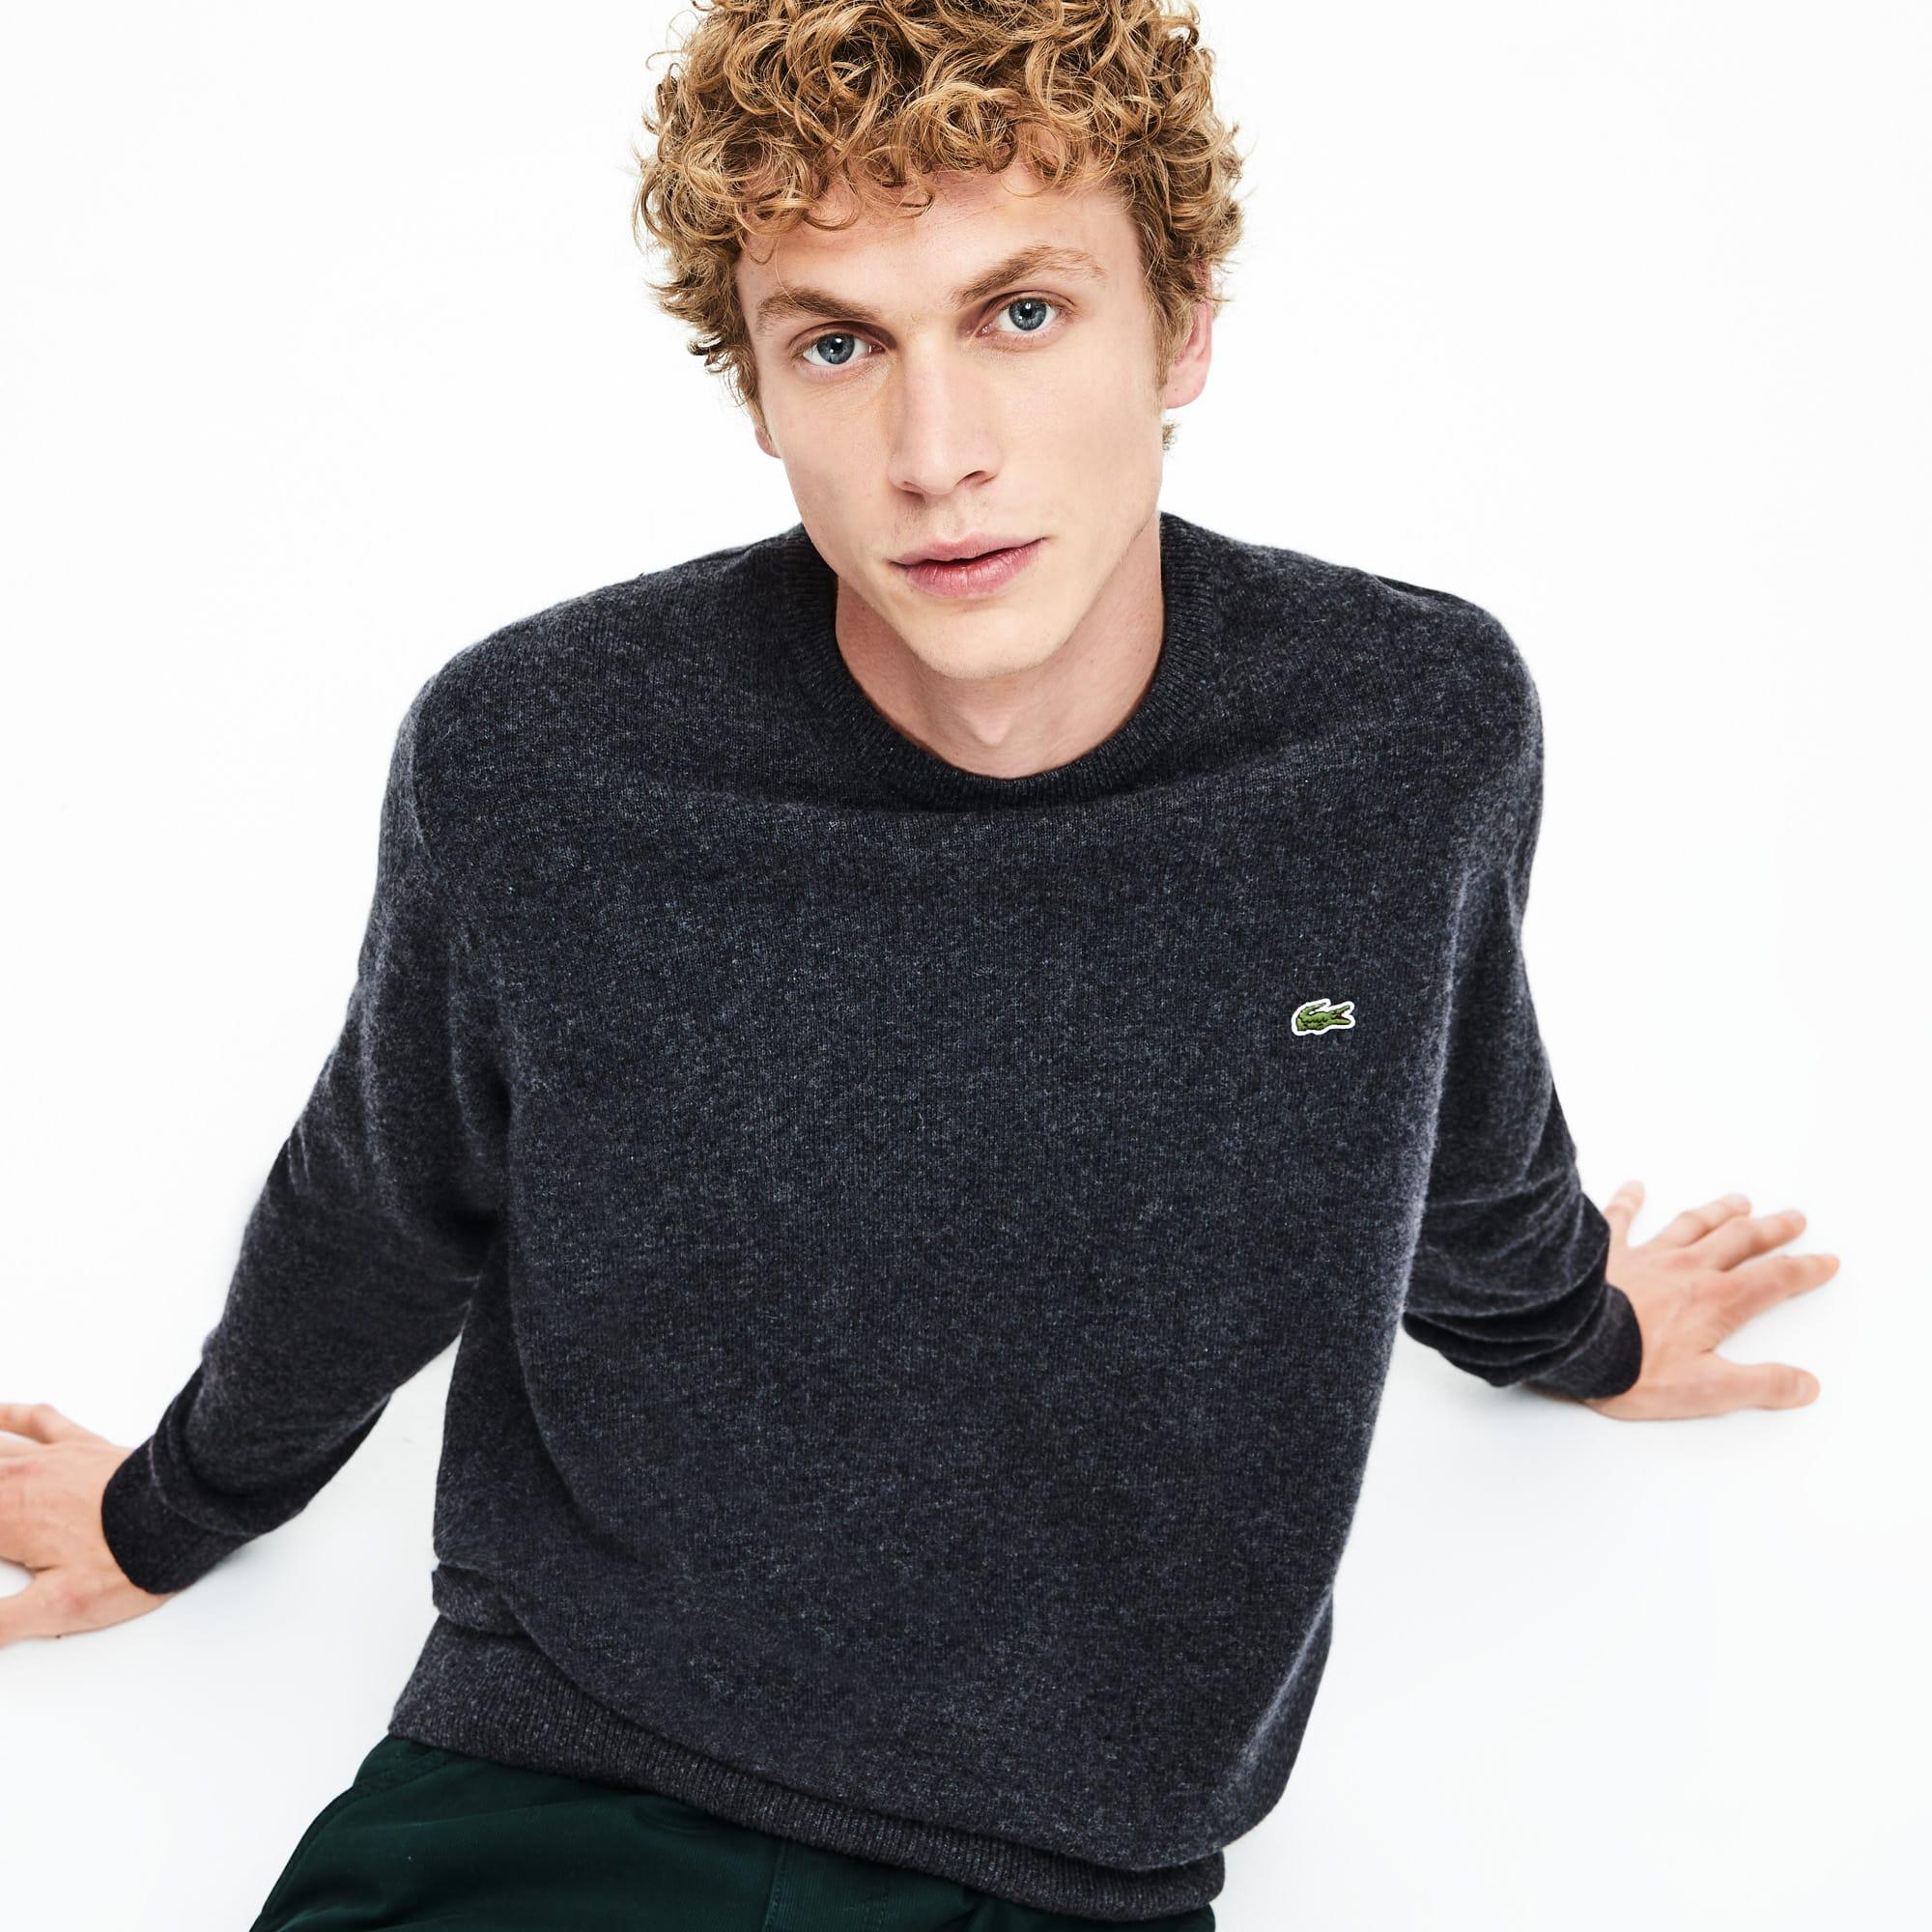 656ee11f Jumpers - Knitwear | Men's Fashion | LACOSTE